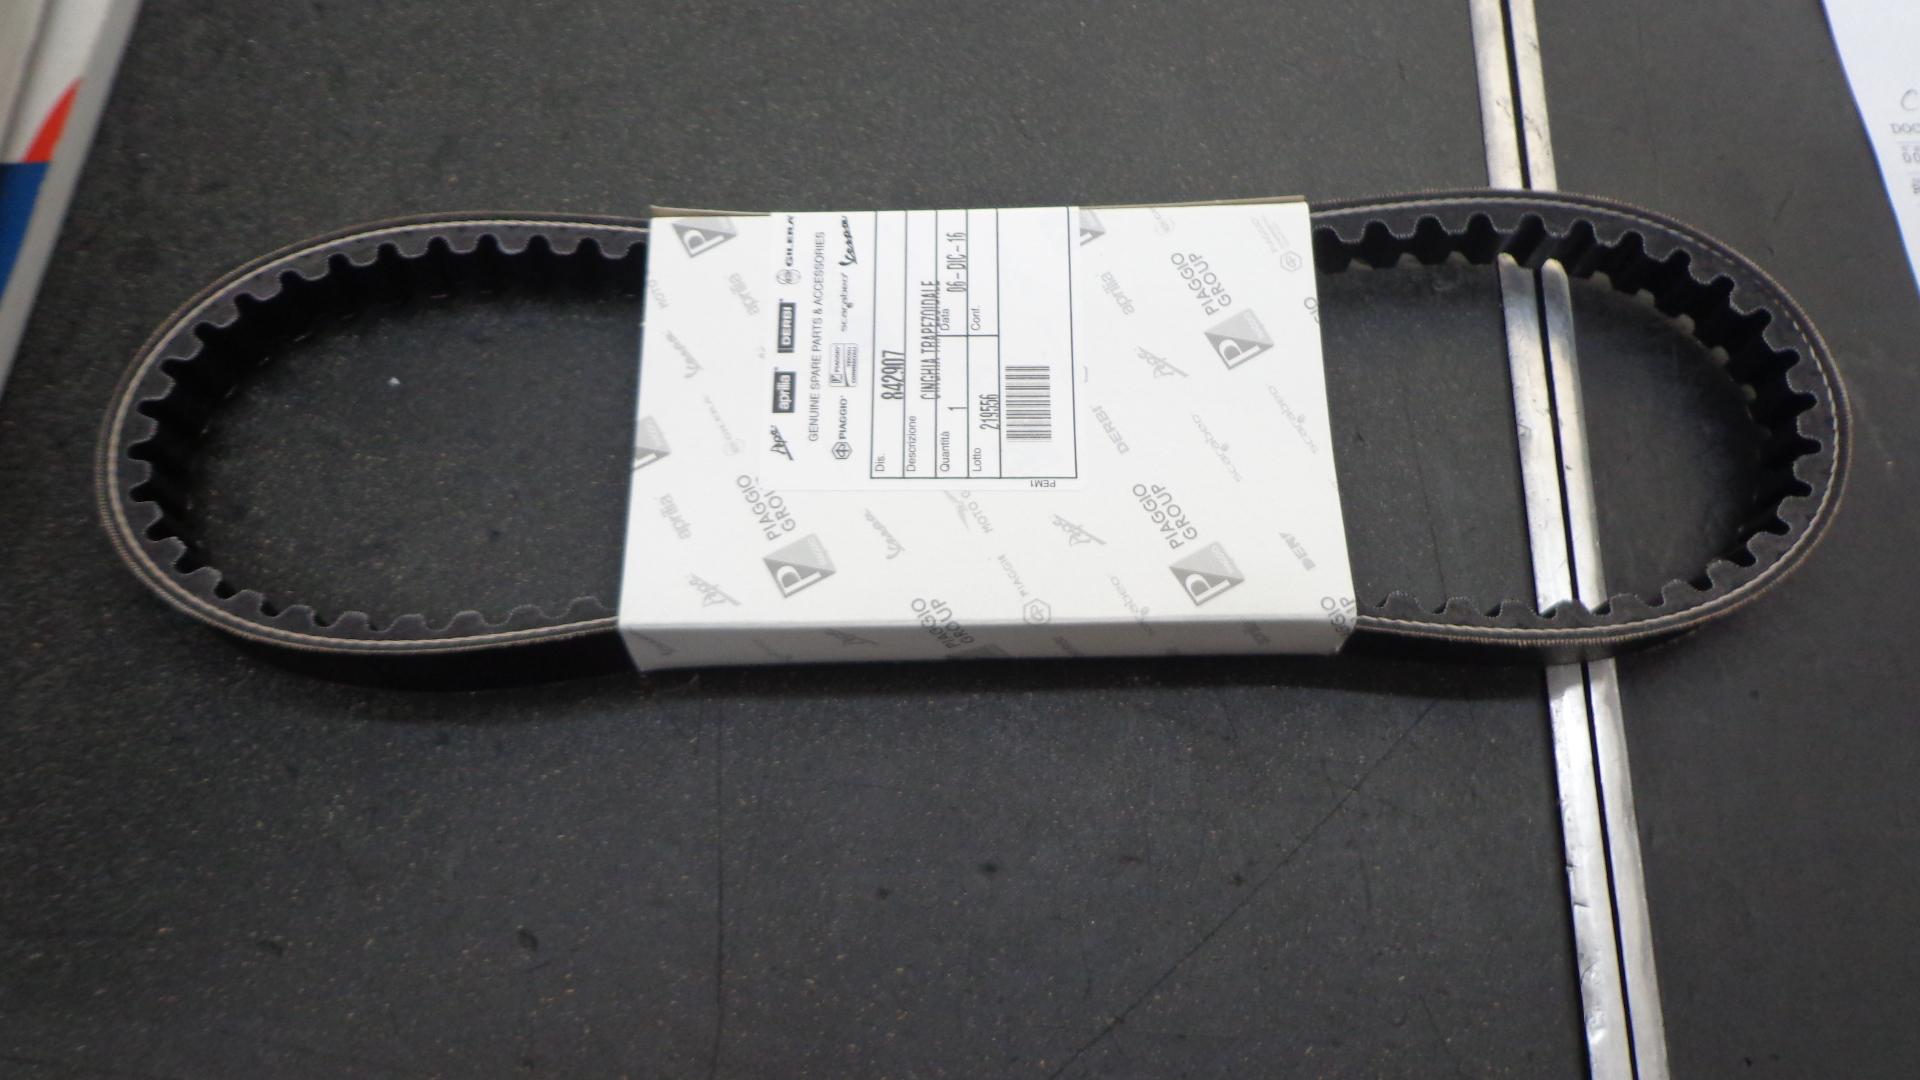 Cinghia di trasmissione originale Vespa LX Sprint Primavera 150 B016183